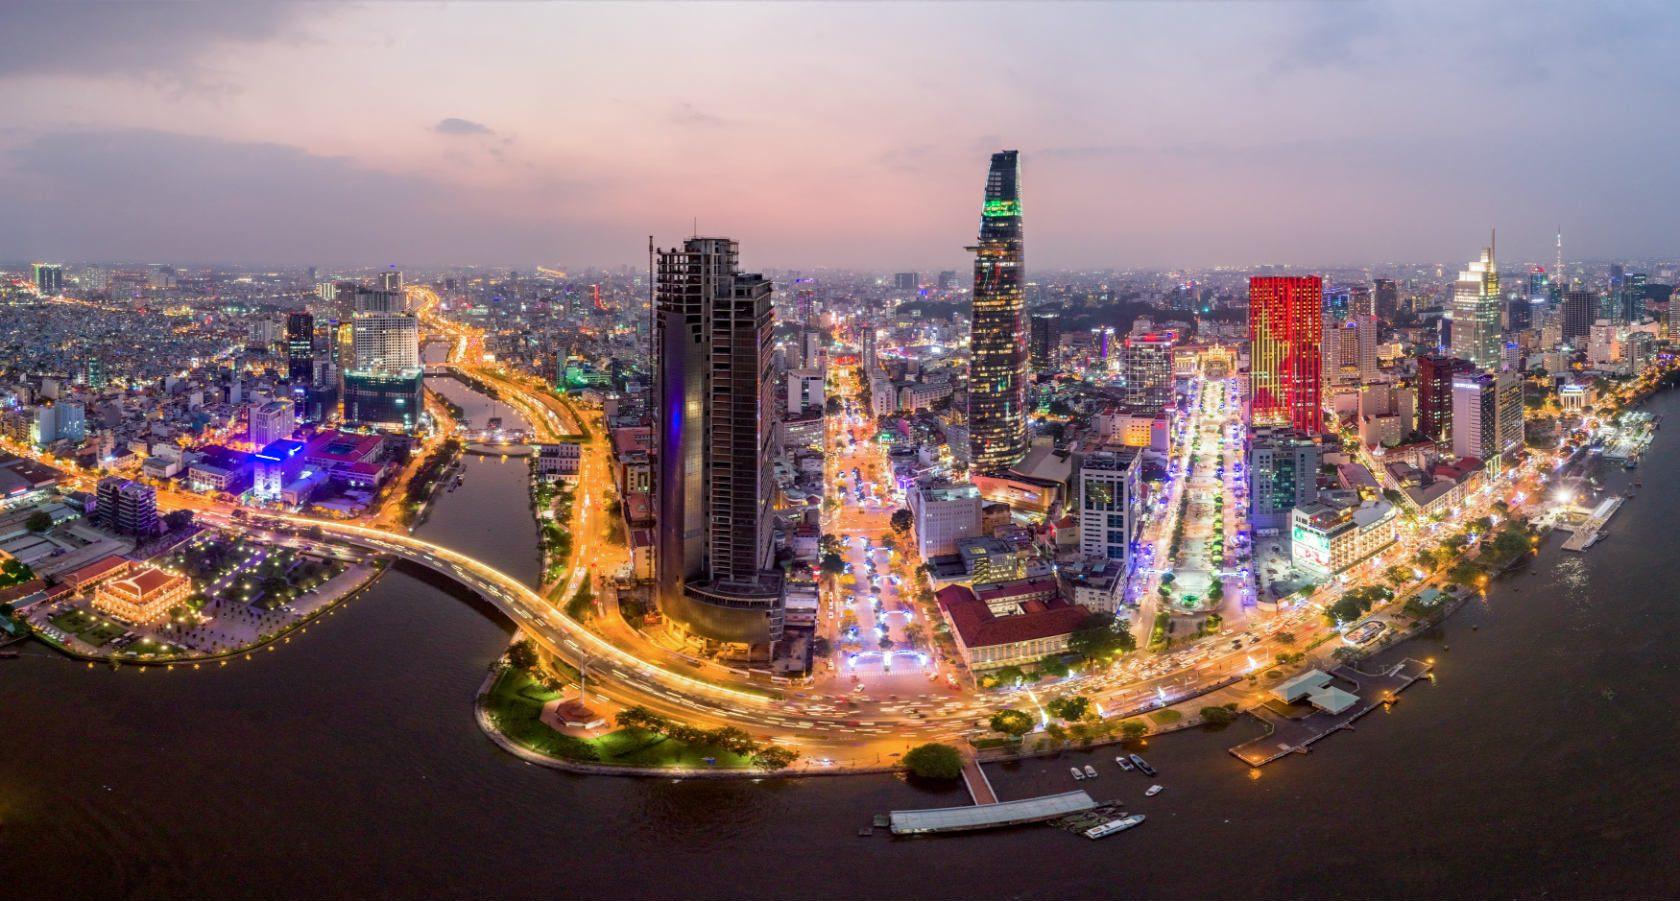 10 điểm đến đẹp nhất Việt Nam do khách Tây bình chọn - 6